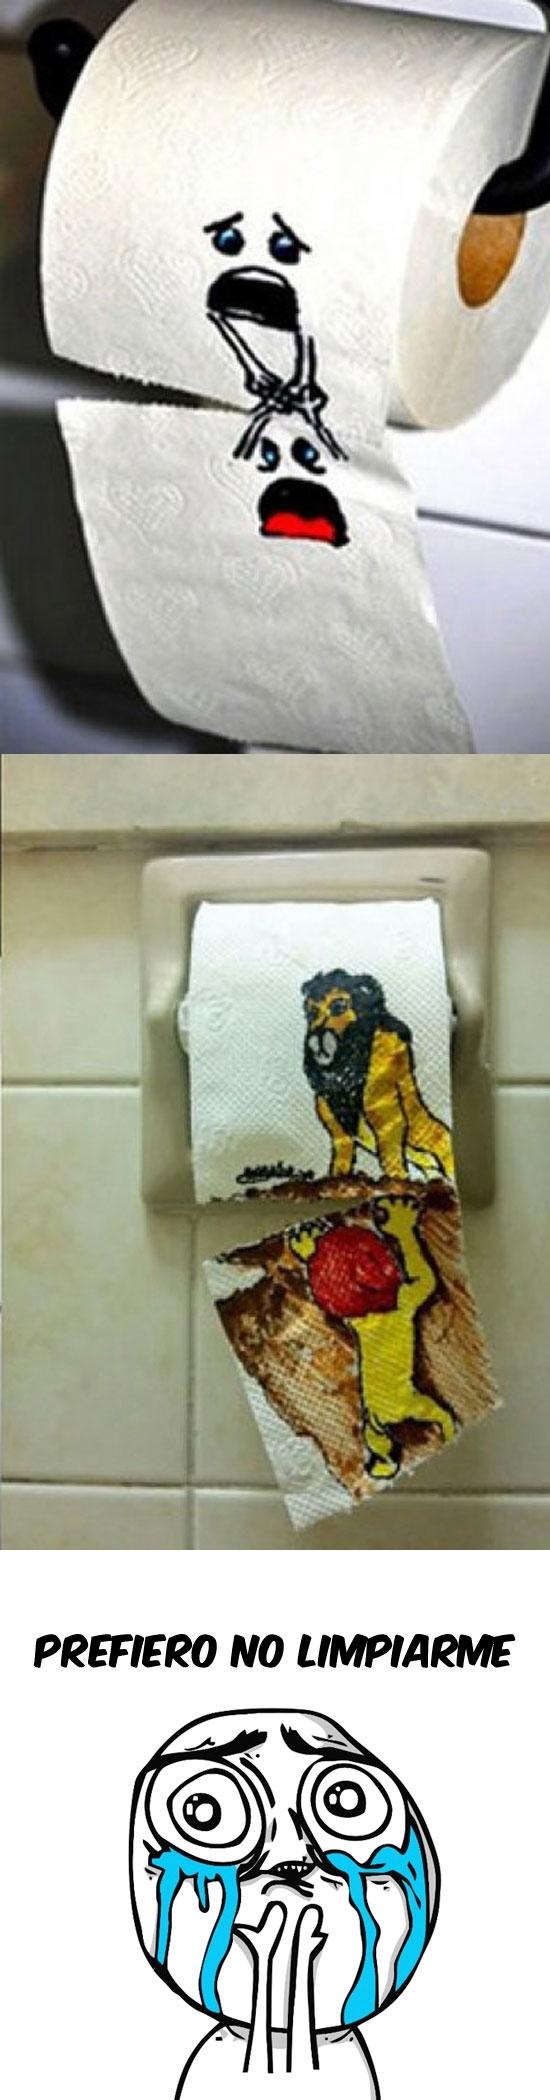 Otros - Estúpido y emocional papel higiénico...